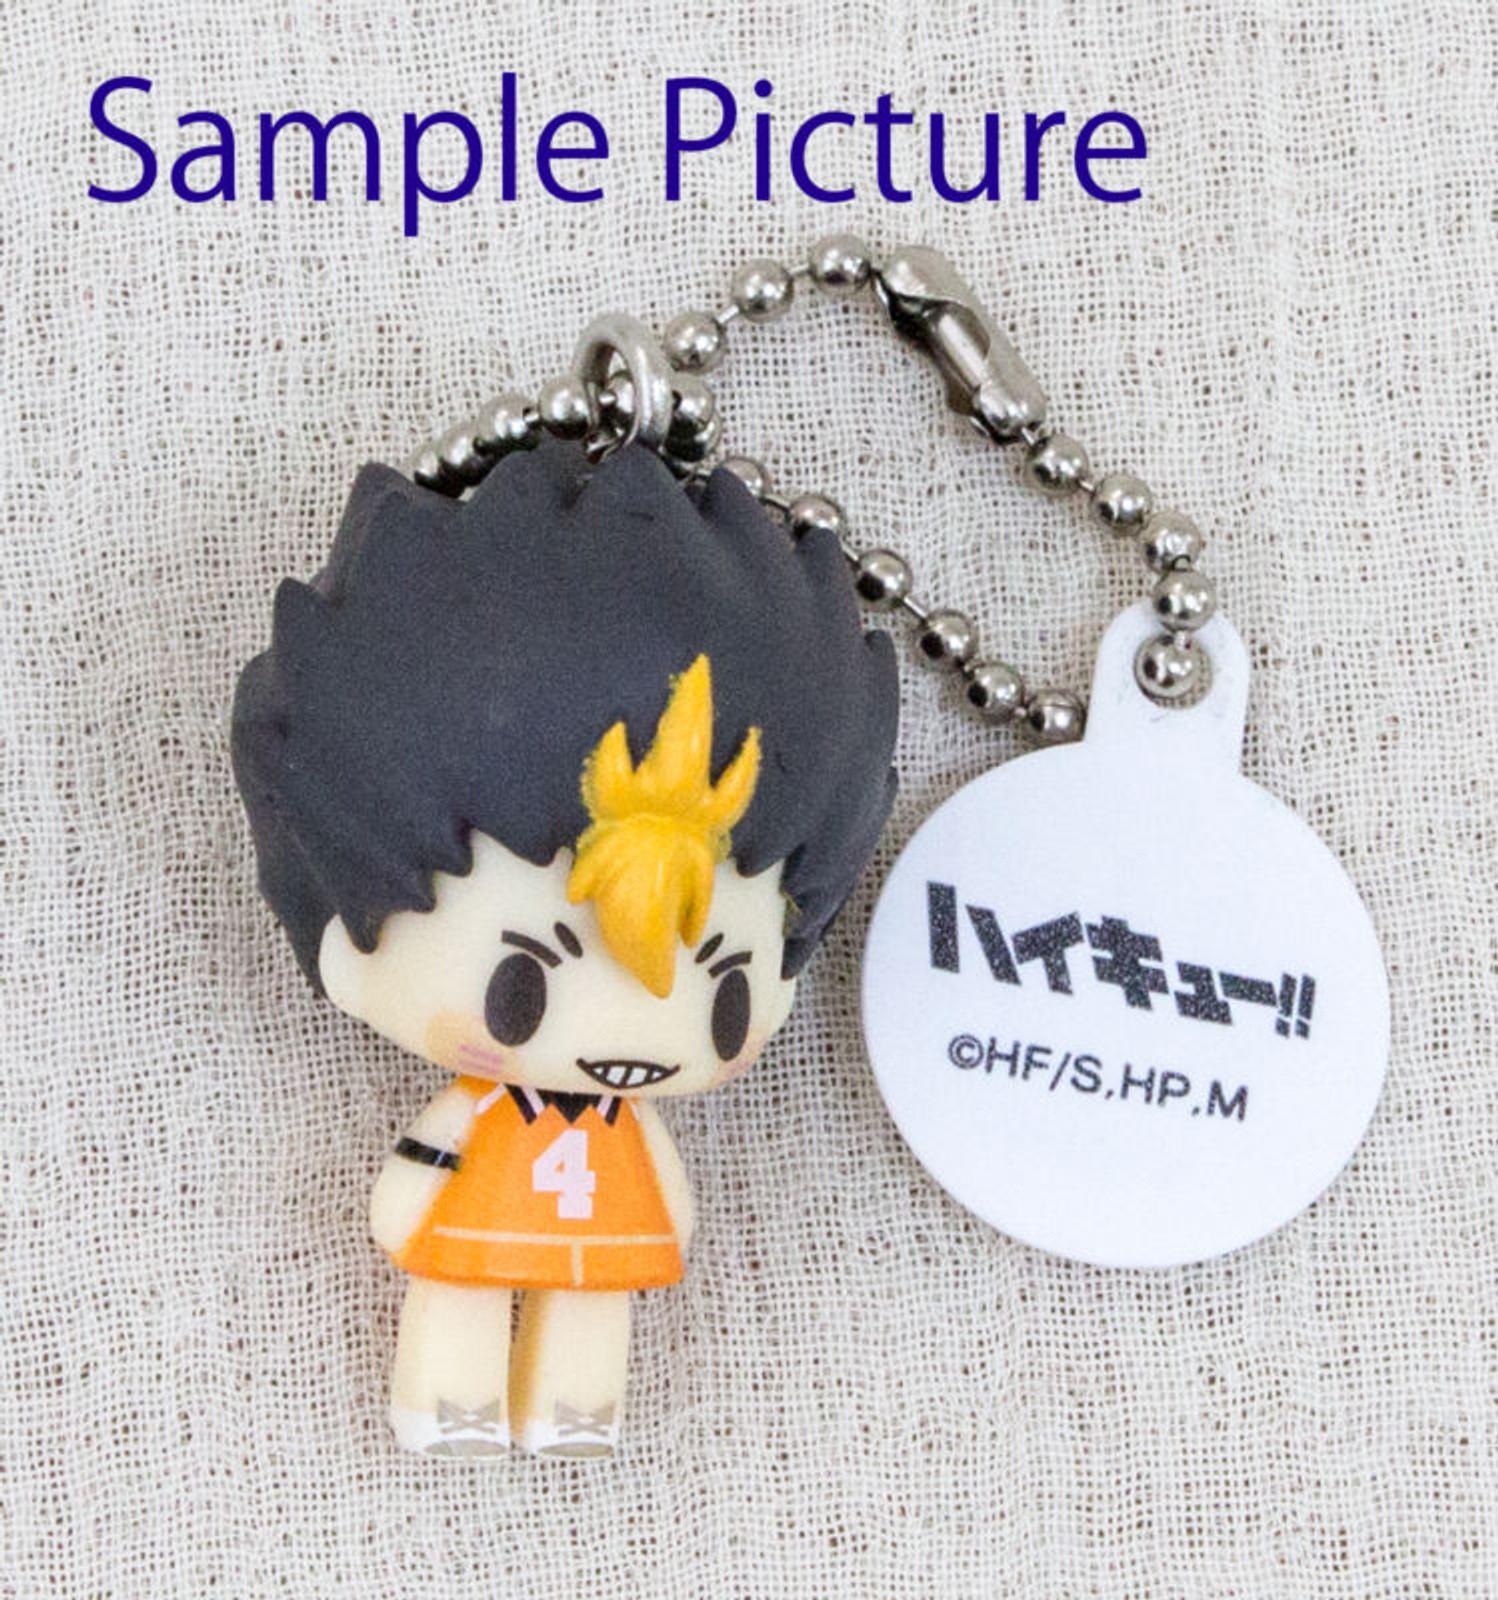 Haikyu!! Koedarize Mascot Figure Strap Yu Nishinoya Ver. Takara JAPAN ANIME